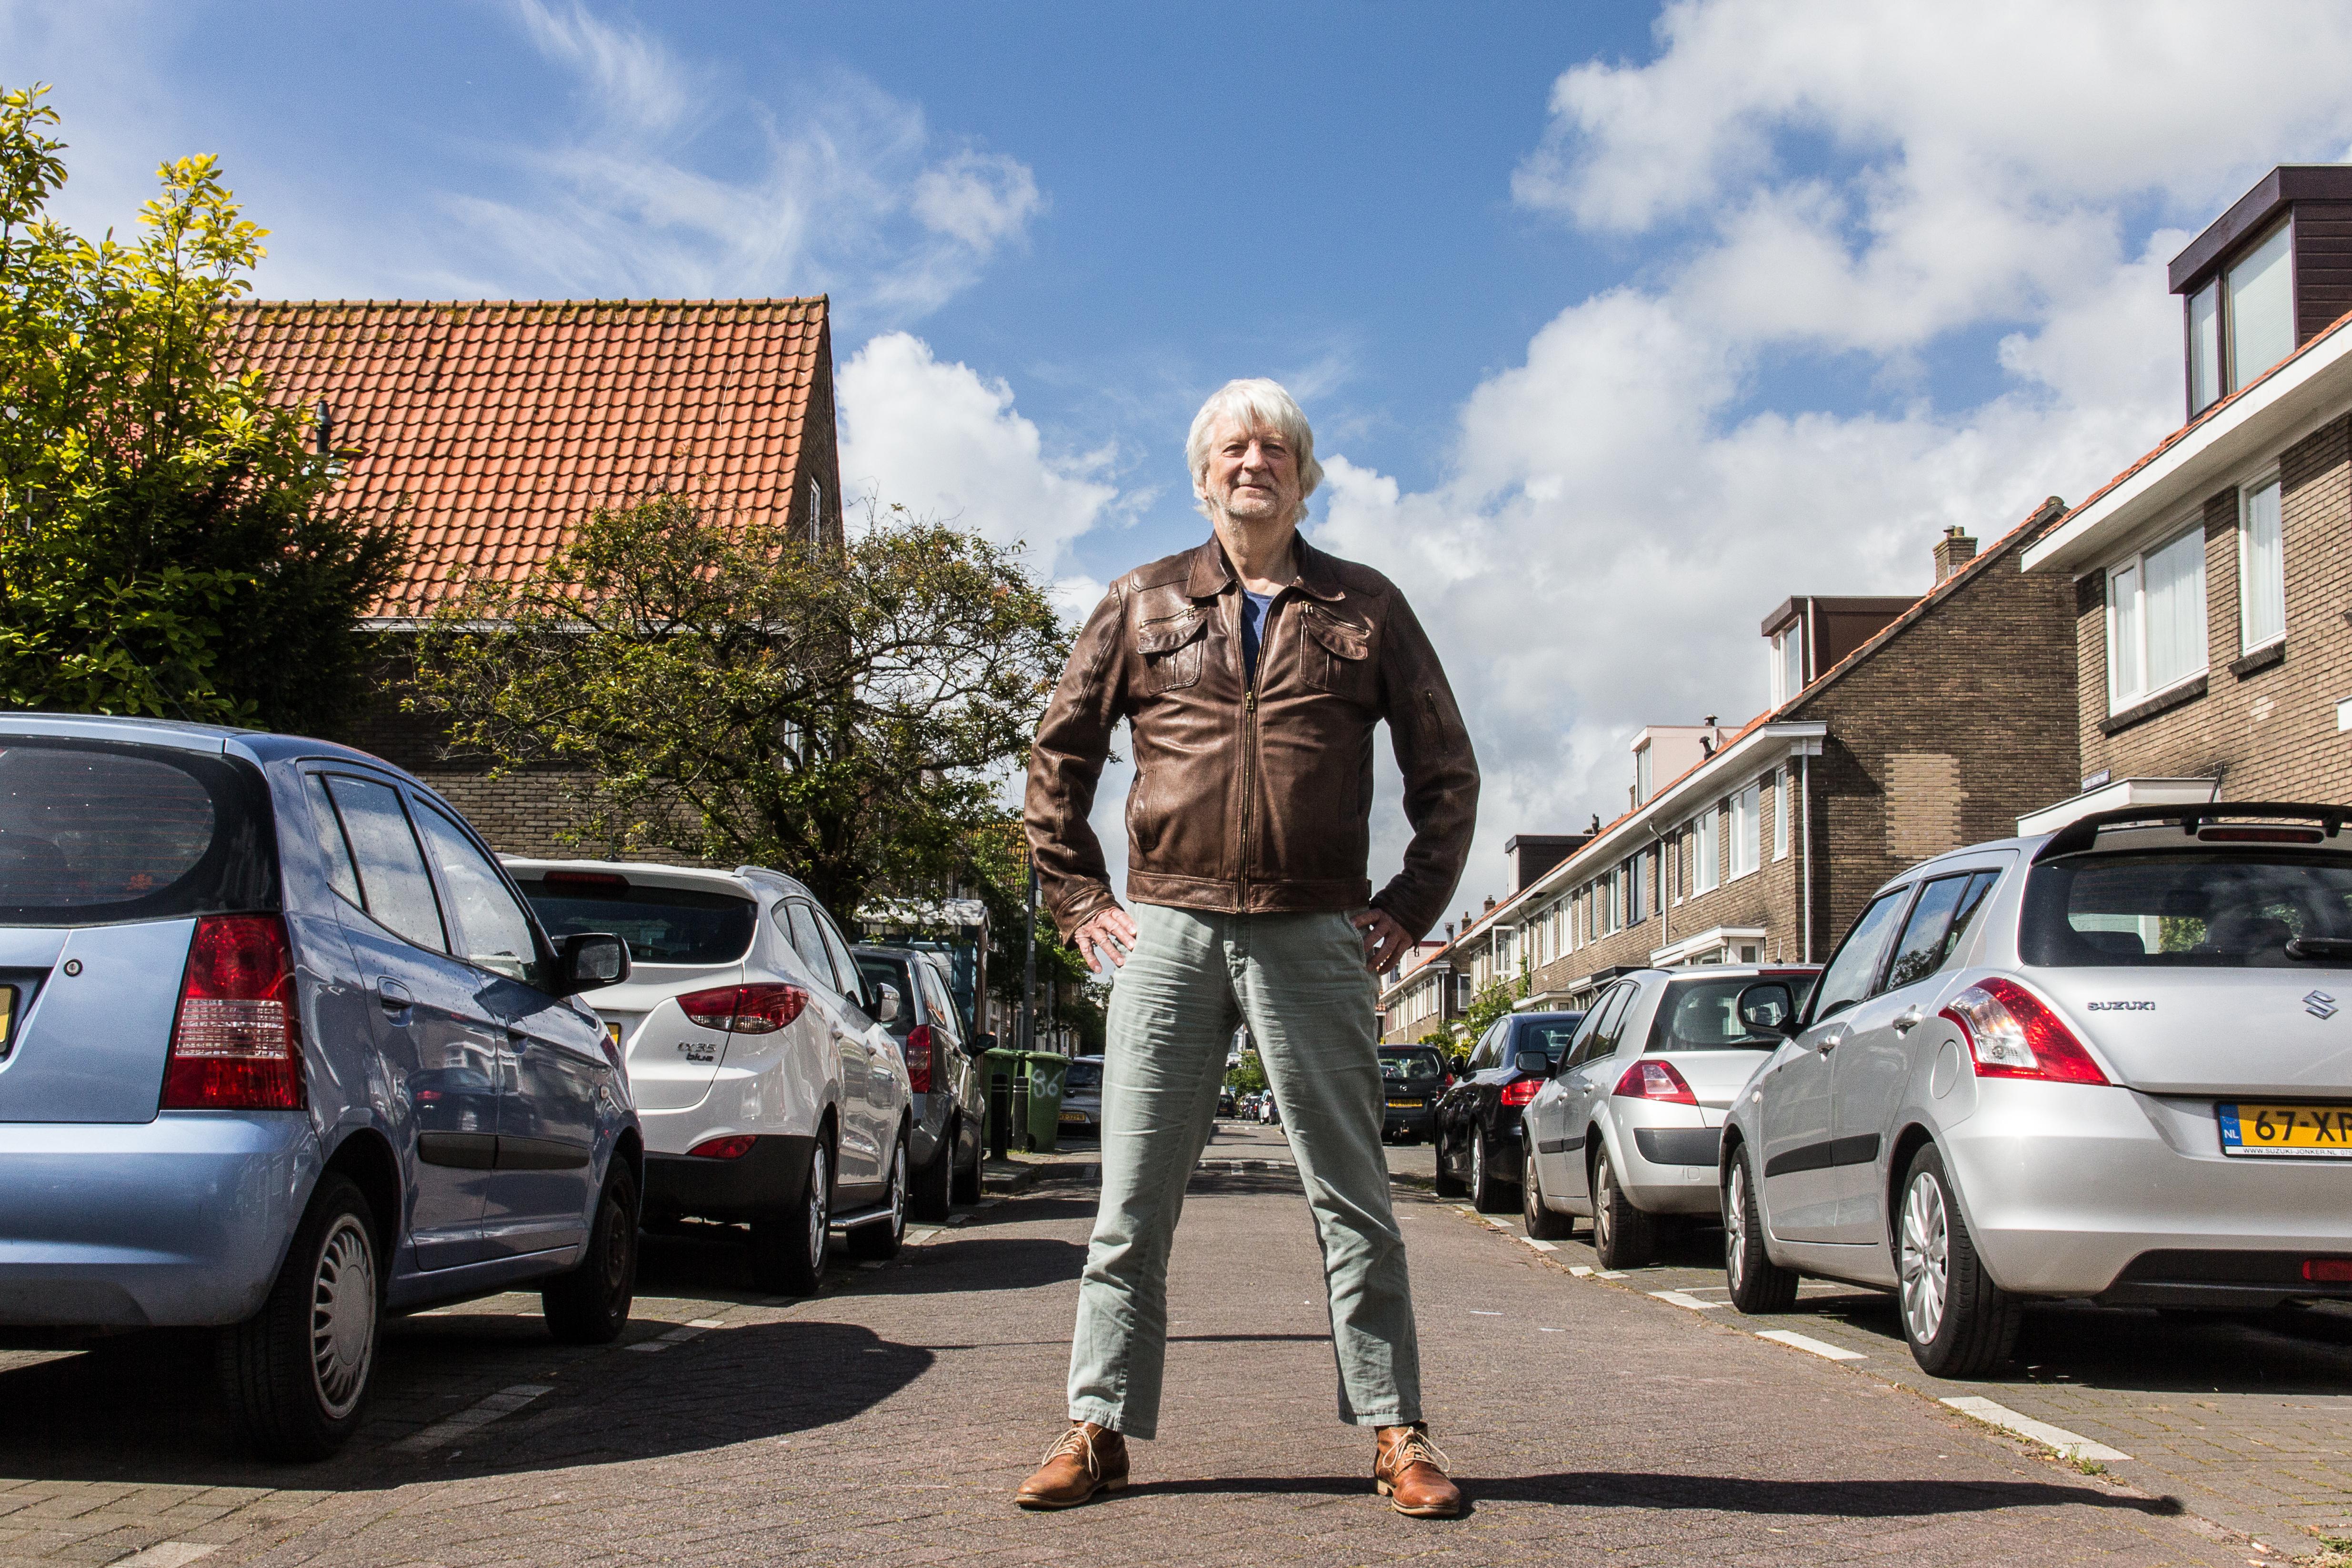 Zaandamse Meidoornstraat zit in de ziel van schrijver Martin Rep: 'Keurige buurt waar niets was te doen'